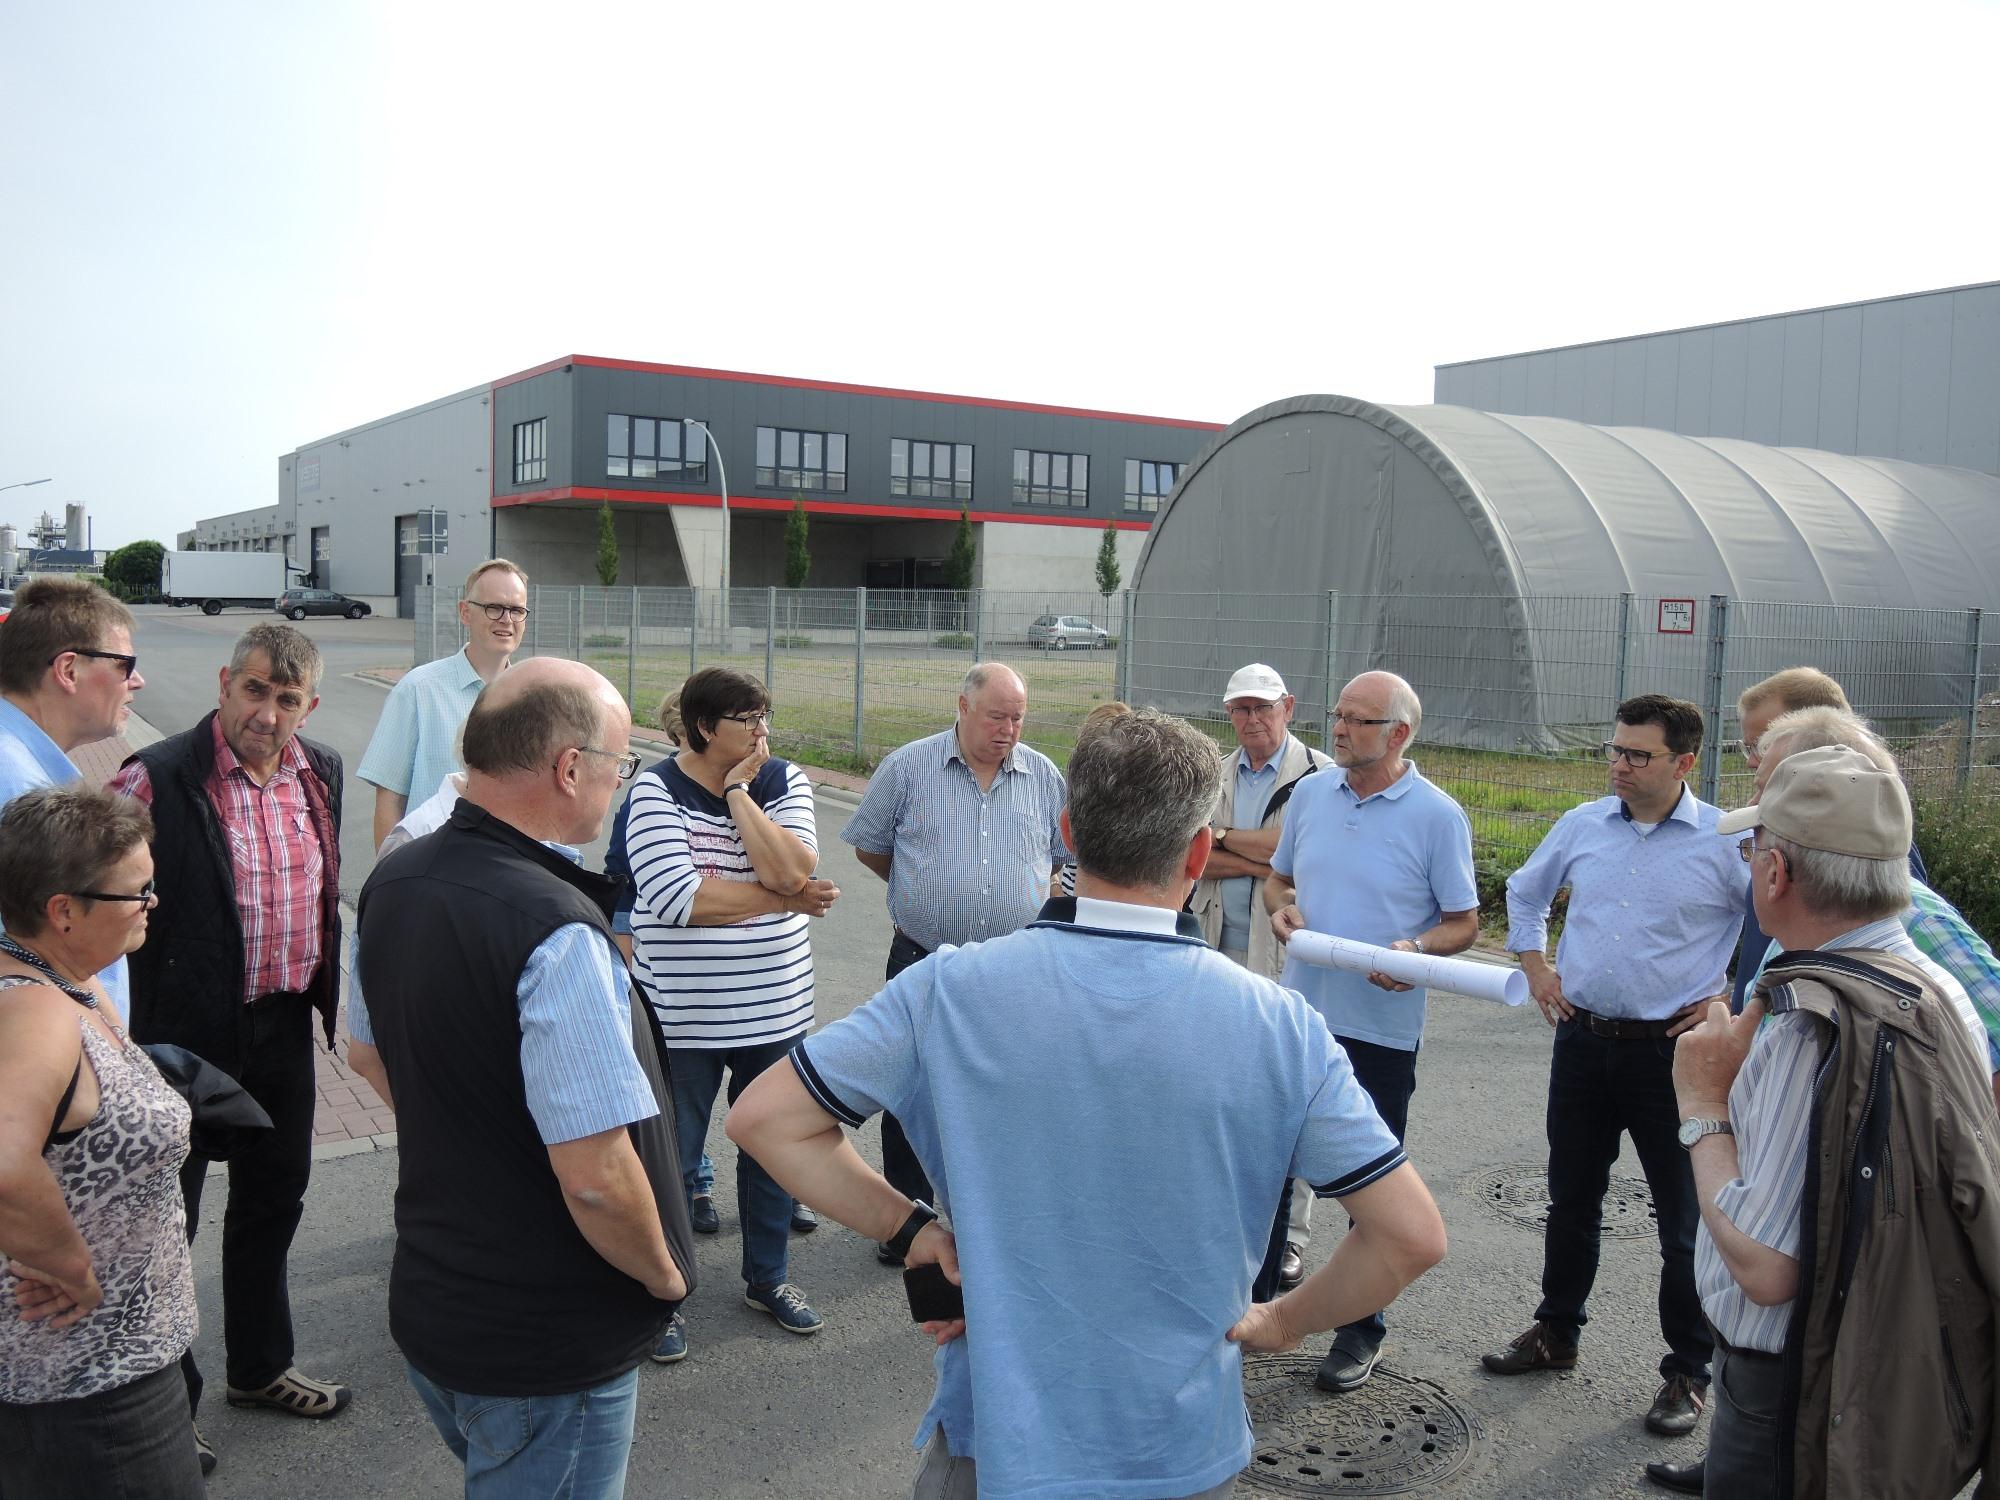 Im Gewerbegebiet Pingelerhook erläuterte Bernd Liesbrock von der Fa. Bewital den CDU-Vertretern die Erweiterungspläne des Unternehmens im Bereich der Tierfutterverarbeitung